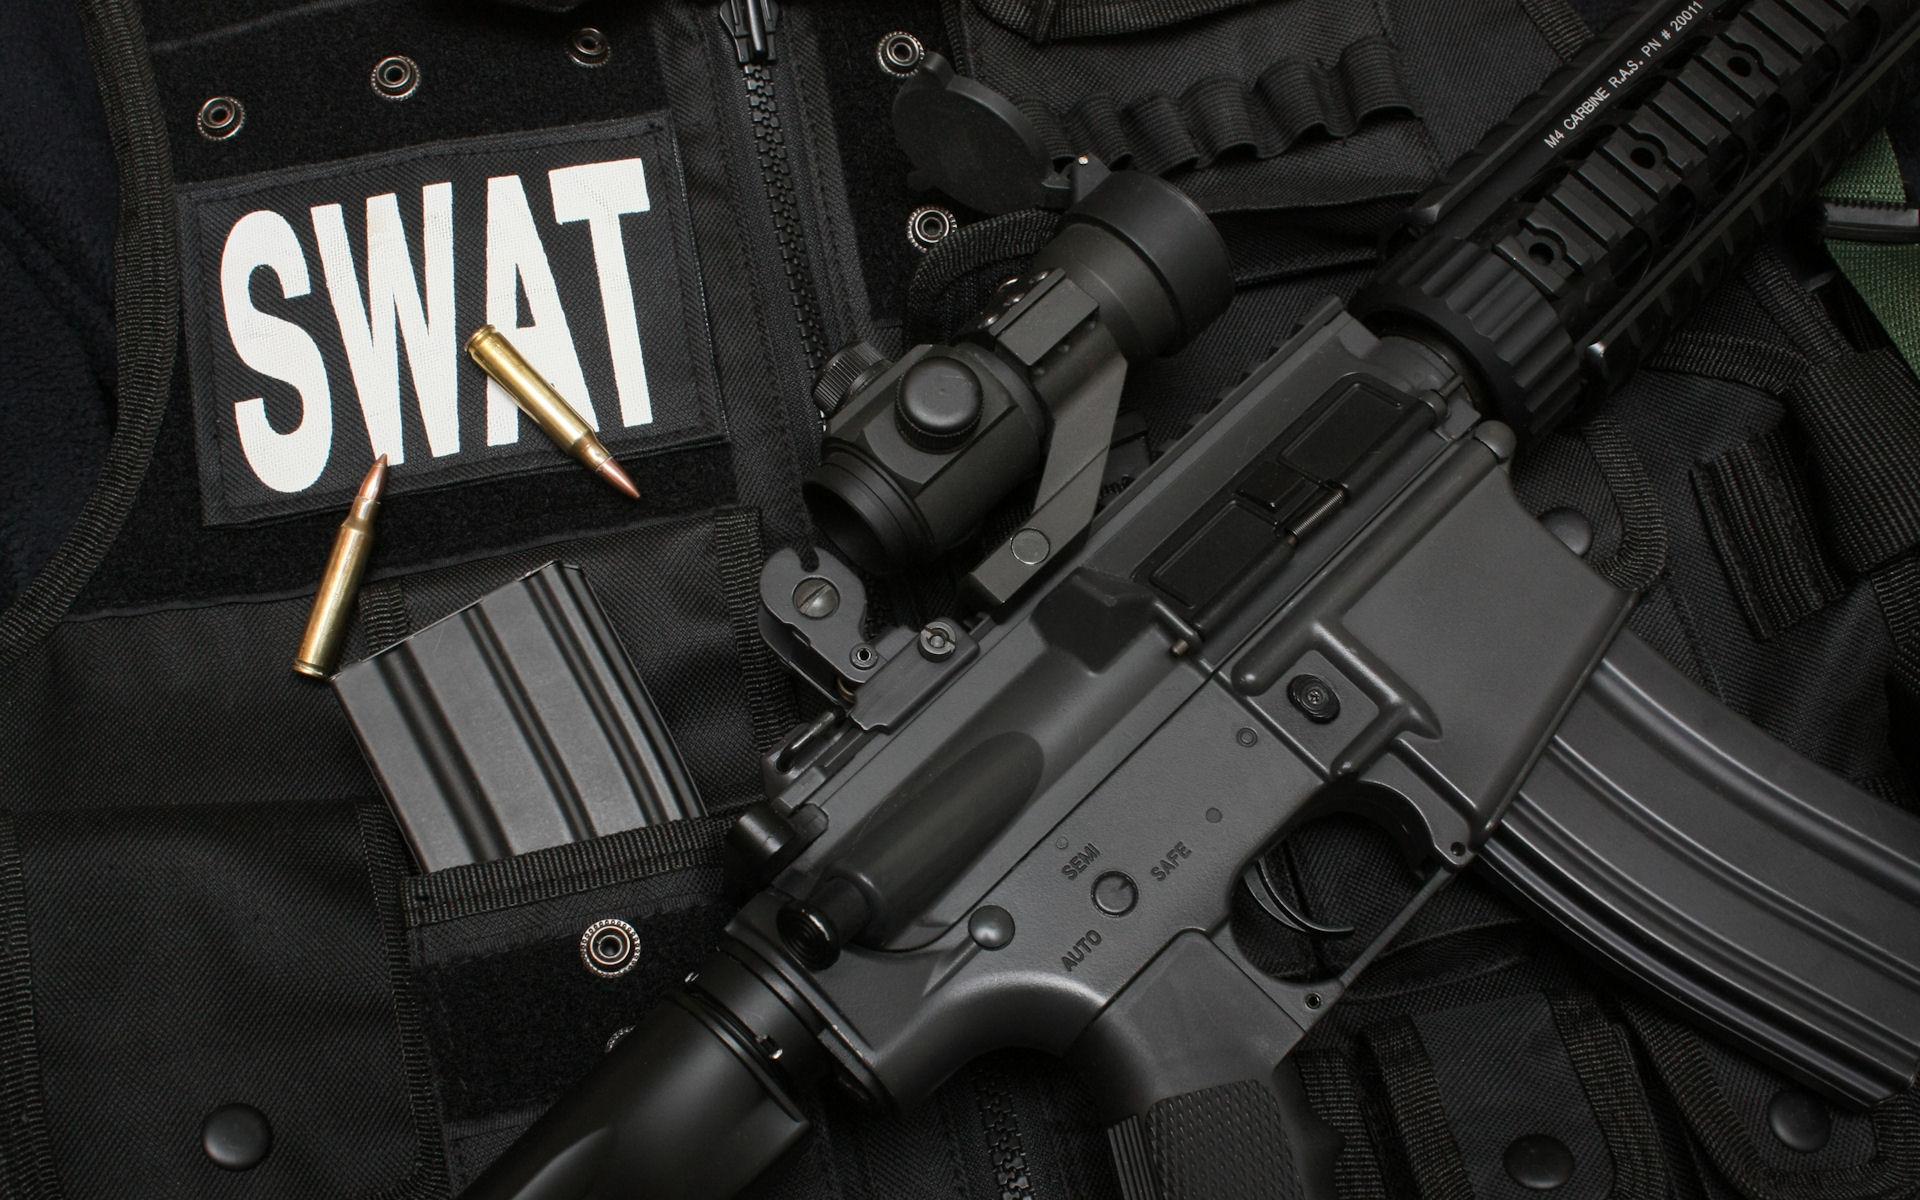 Free Download Armas Y Swat Hd 1920x1200 Imagenes Wallpapers